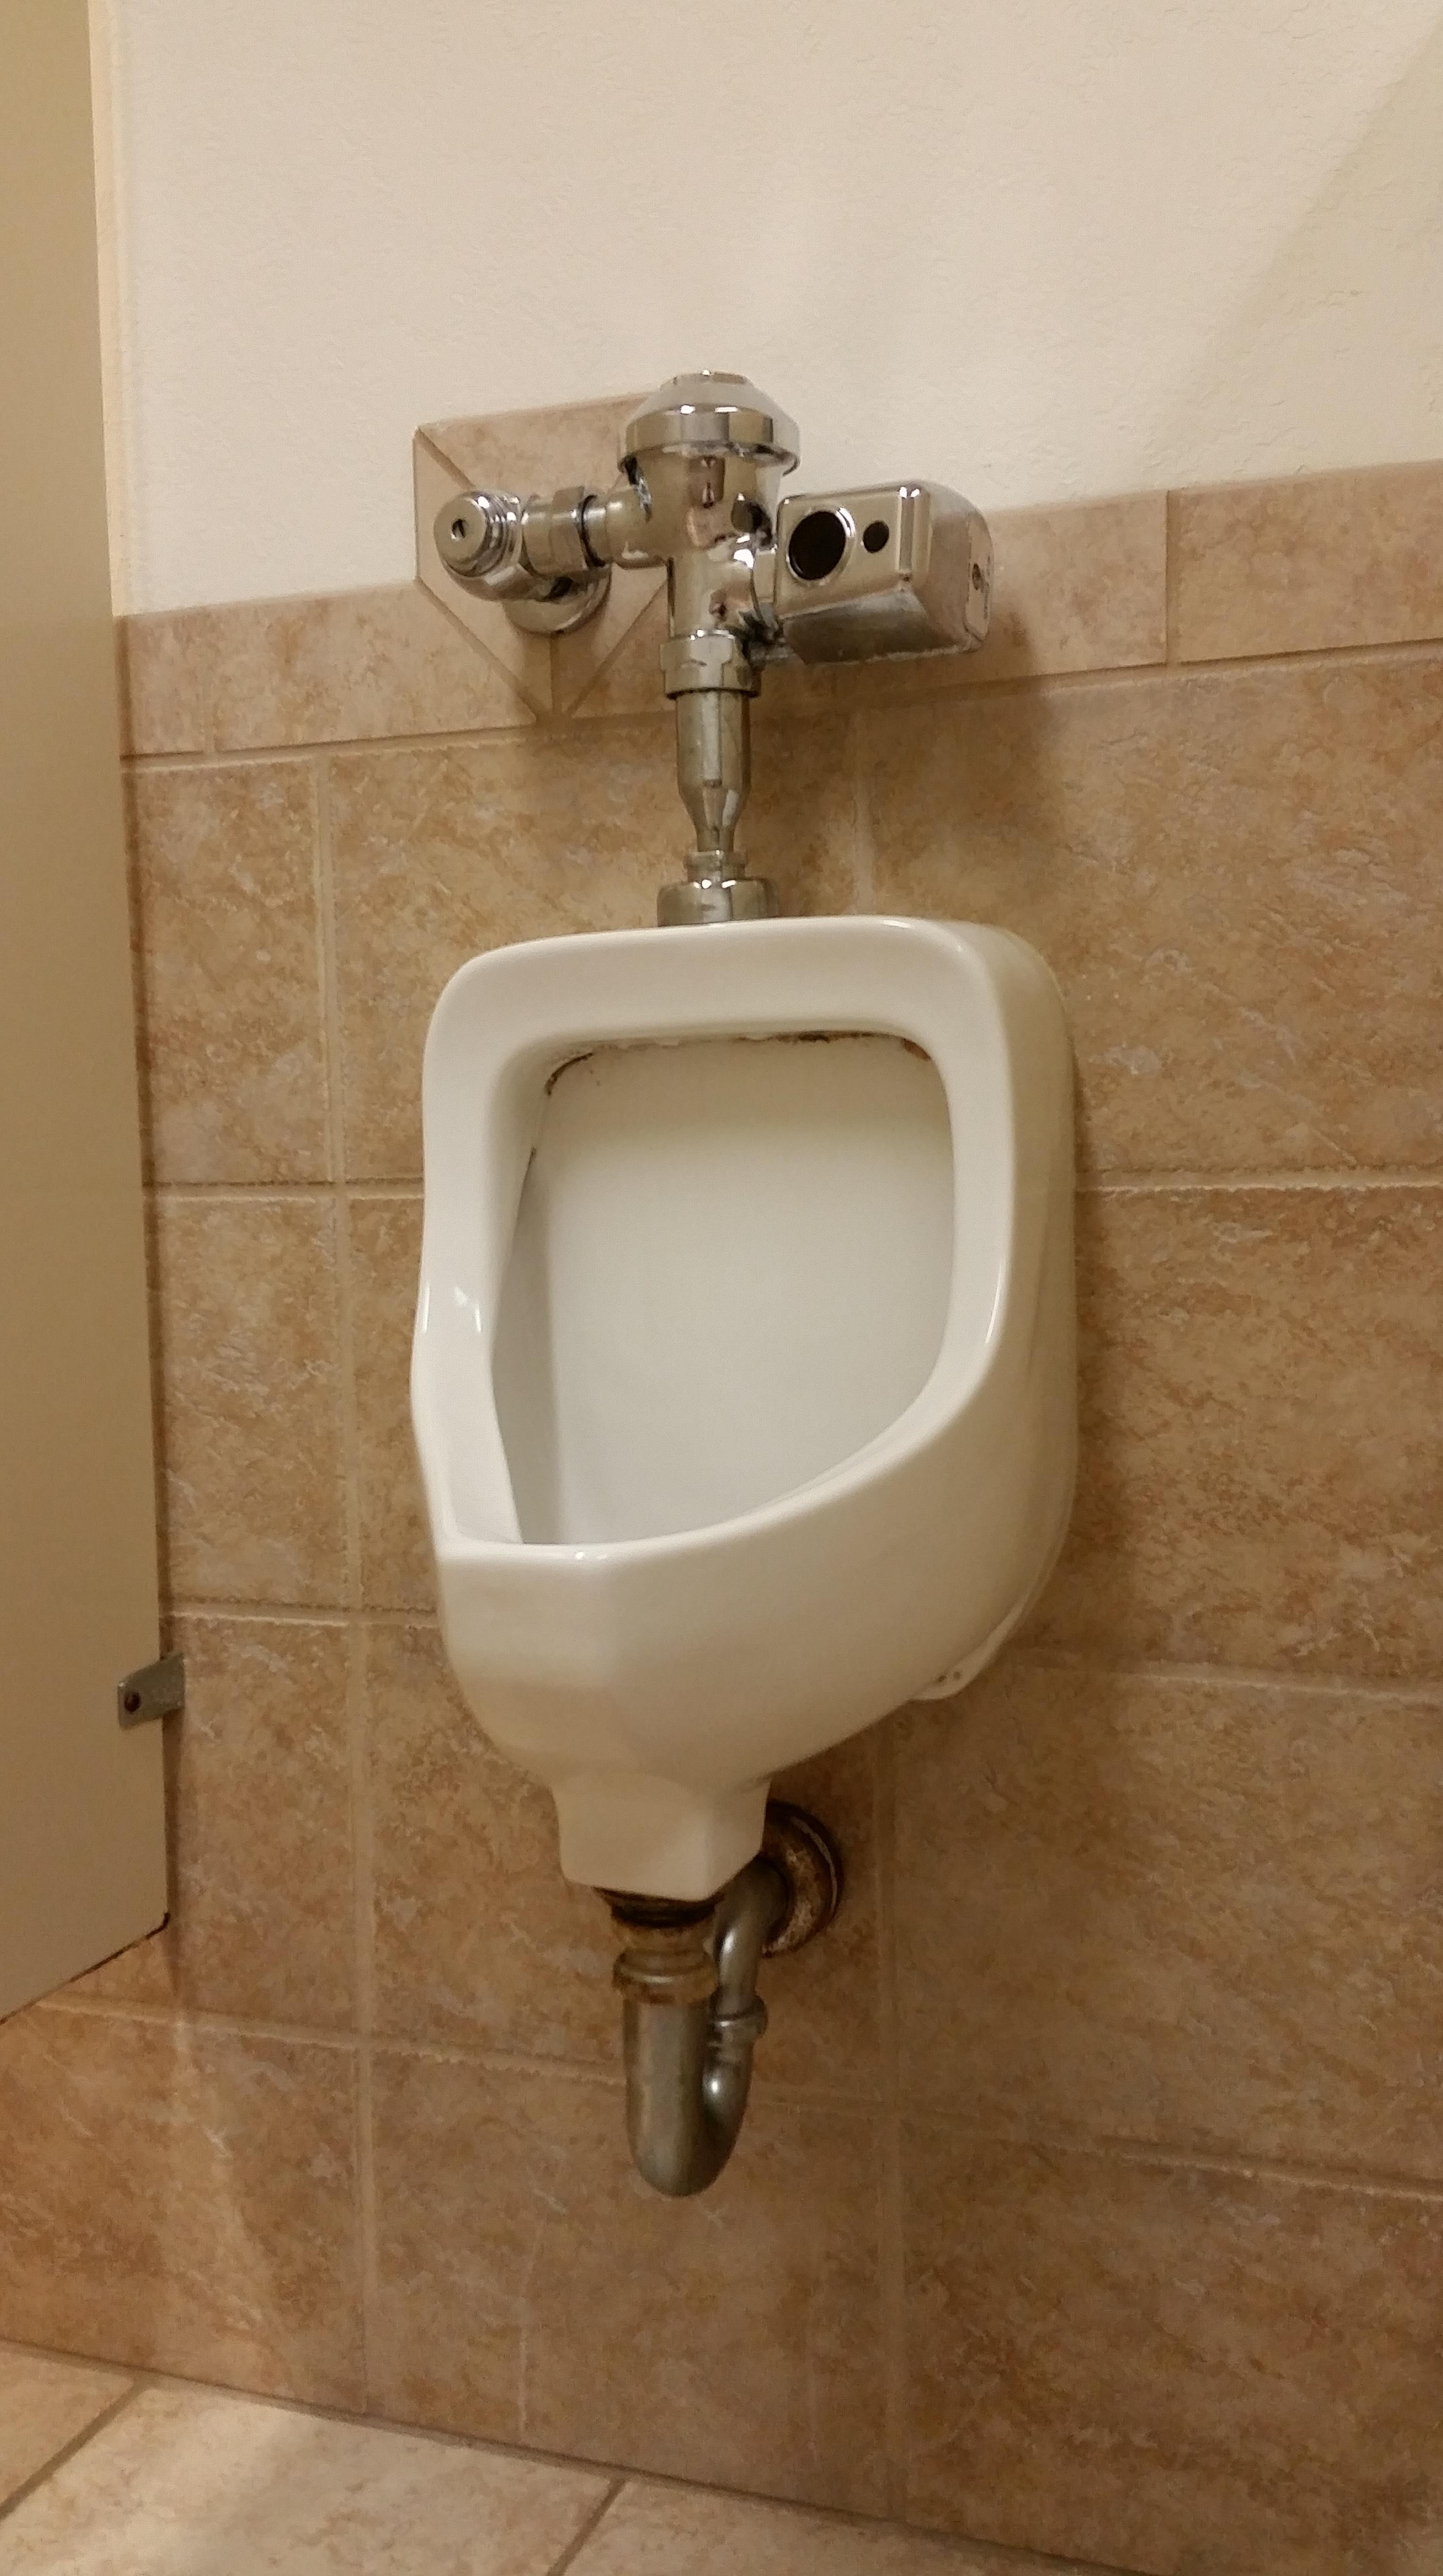 edina mn plumbing companies | Minneapolis Plumbing | Plumbers MN ...